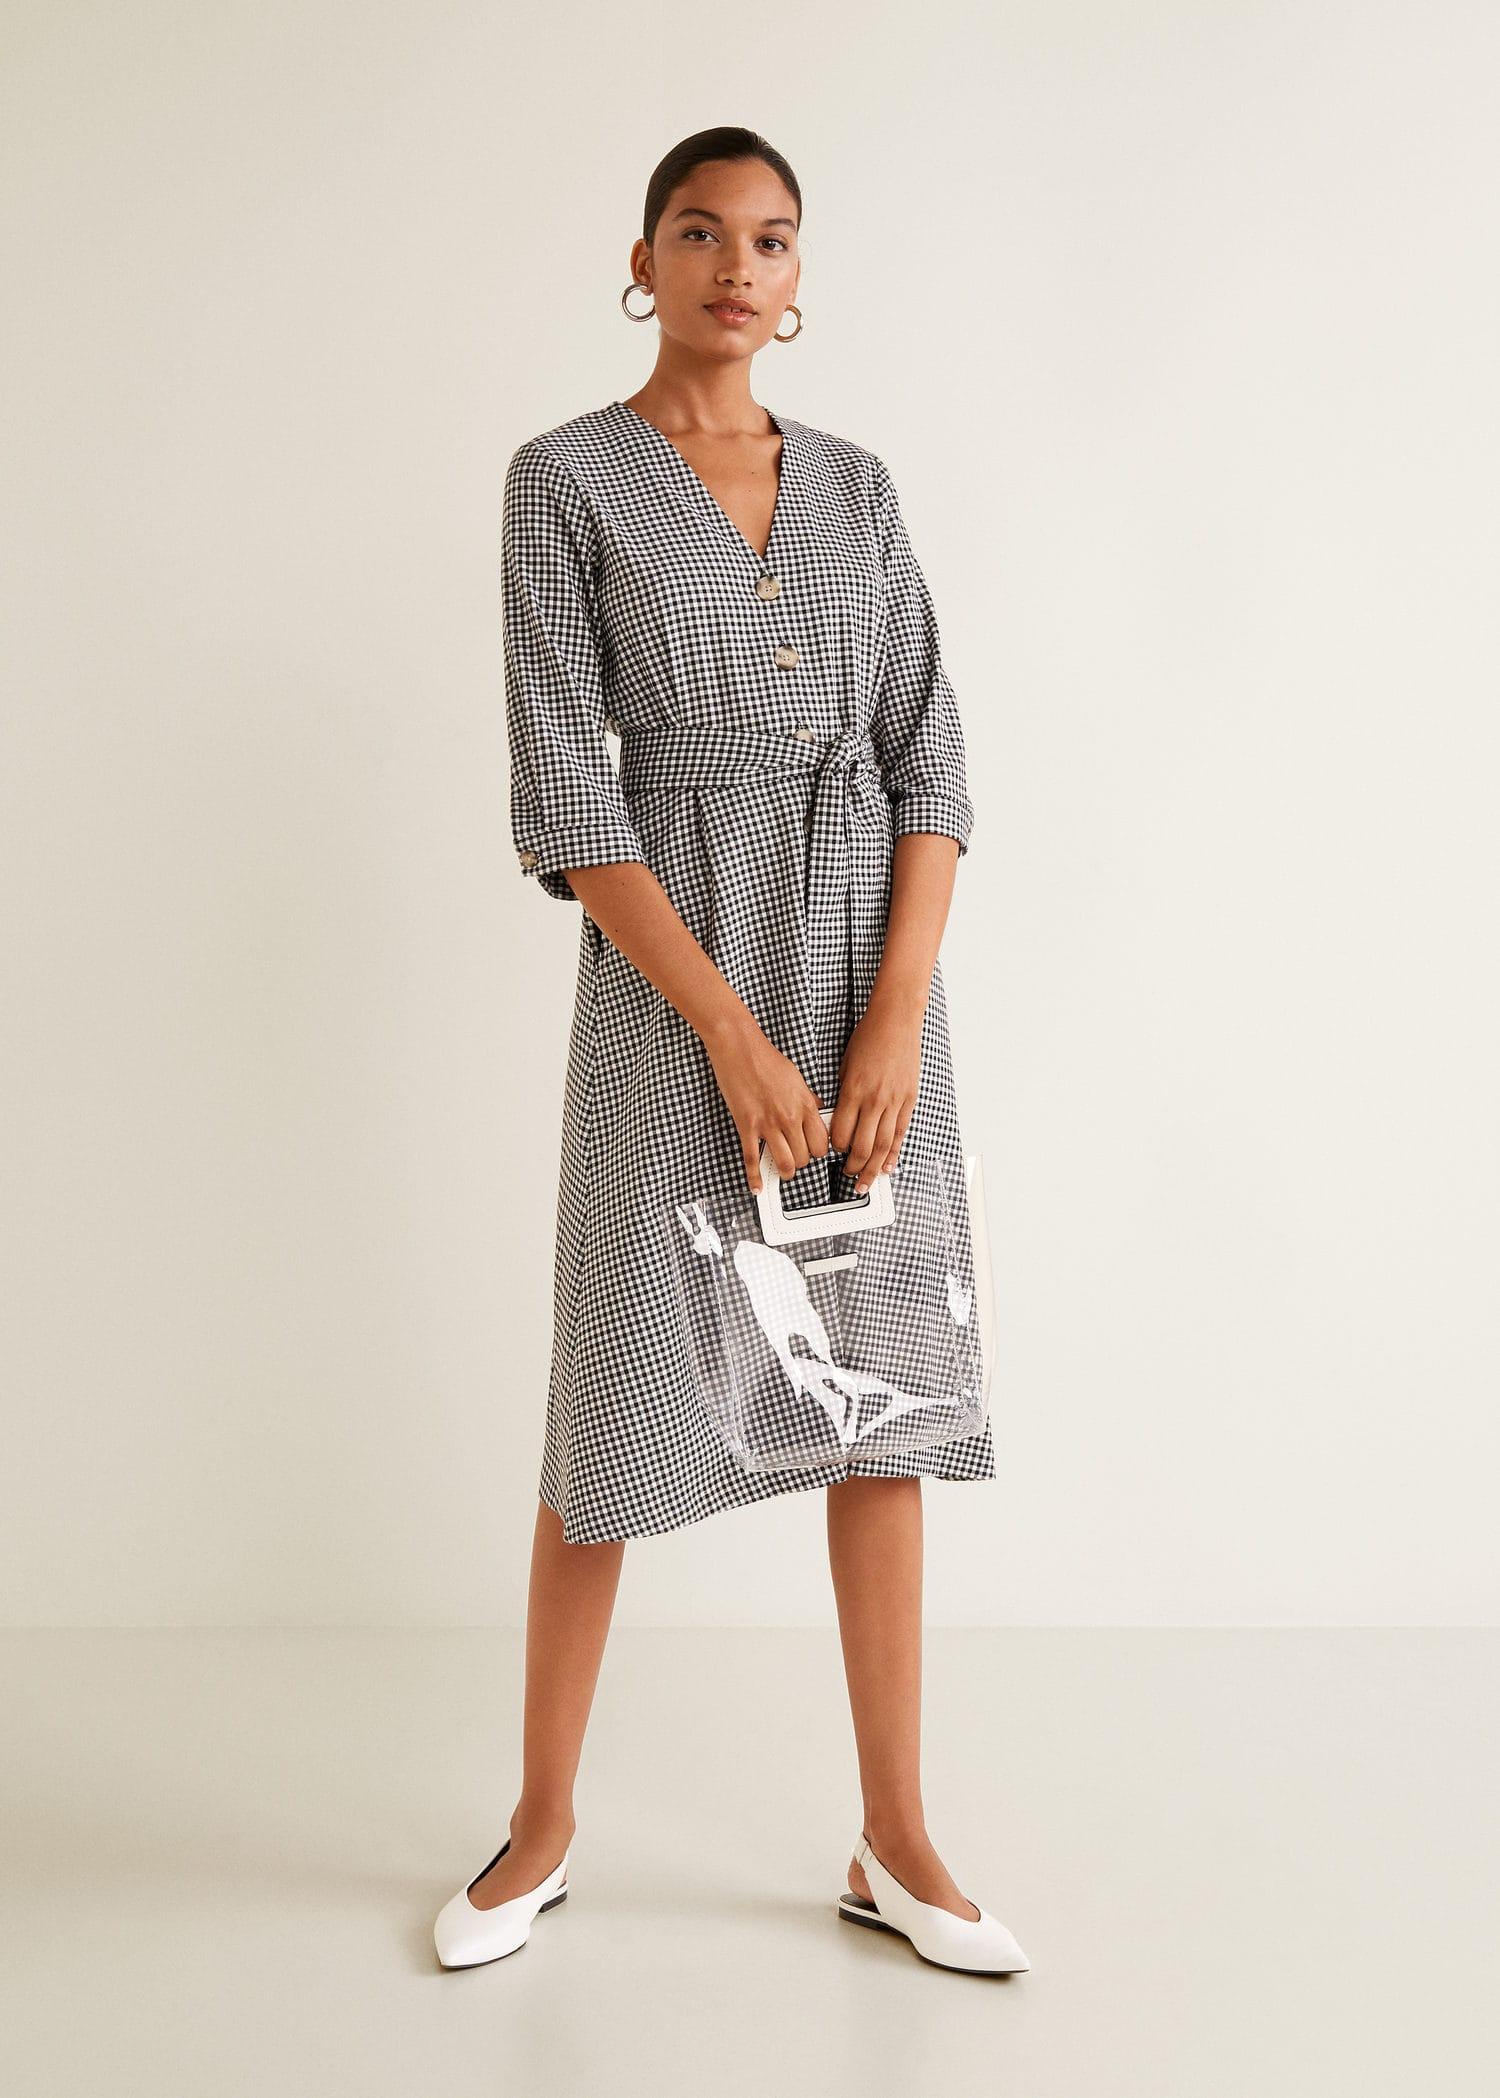 Kleider für Damen 2019   MANGO Österreich 5d070fef00